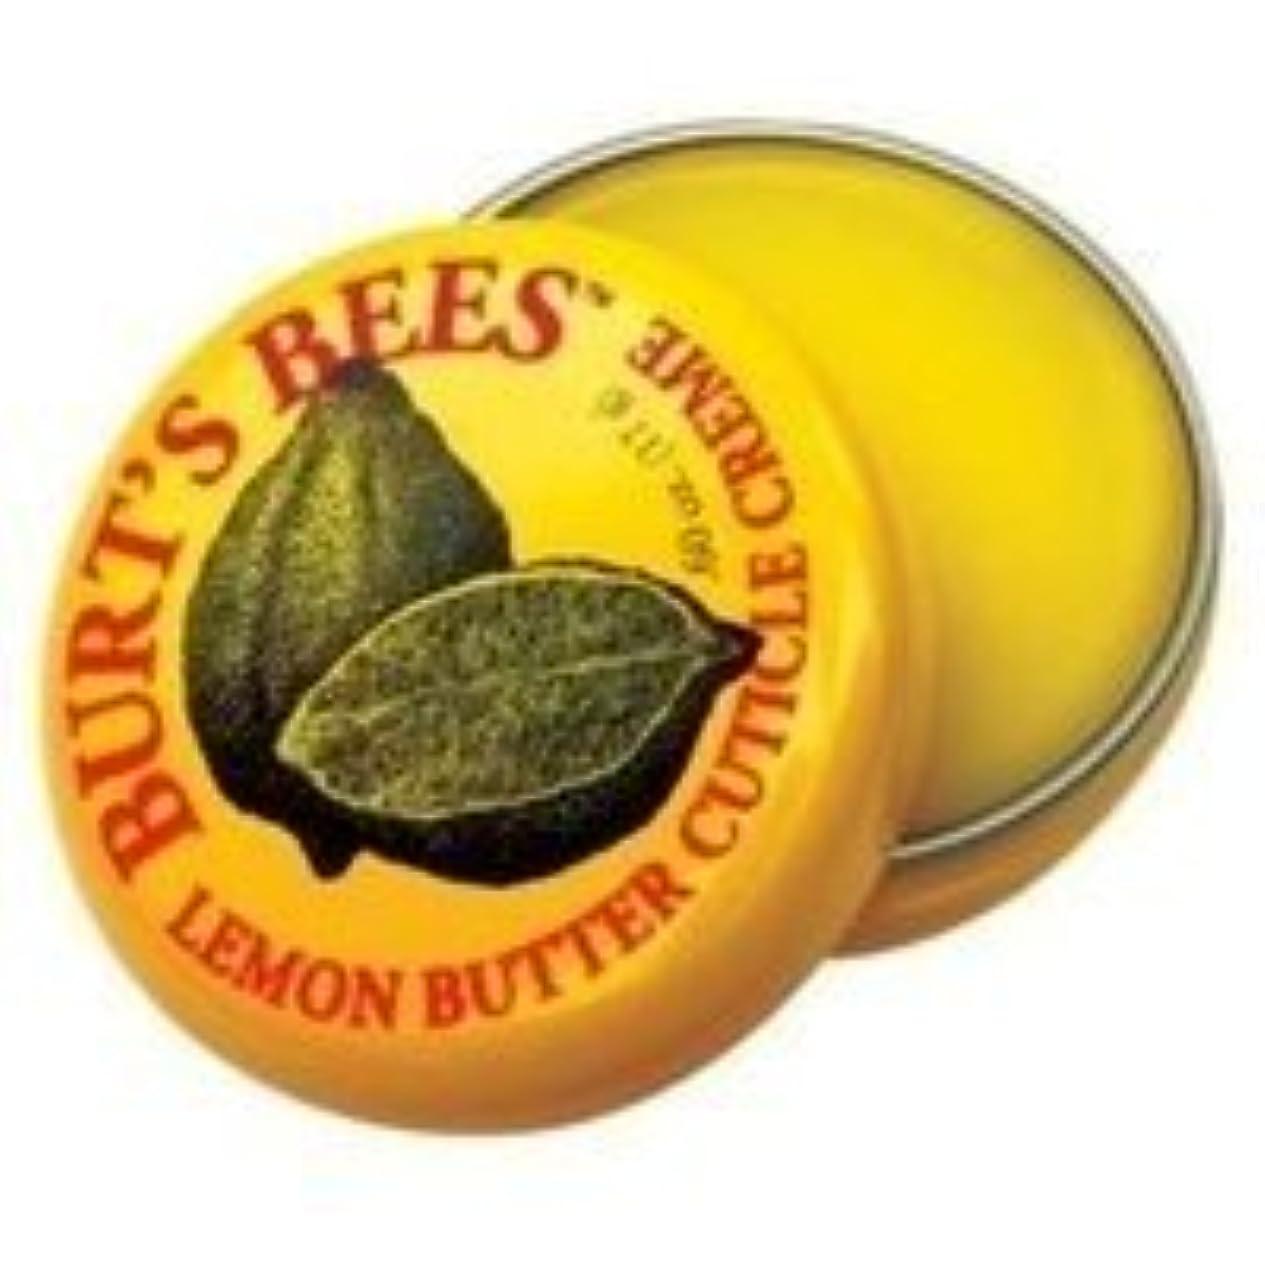 スラック手段連邦バーツビー(バーツビーズ) レモンバターキューティクルクリーム 17g 2個セット